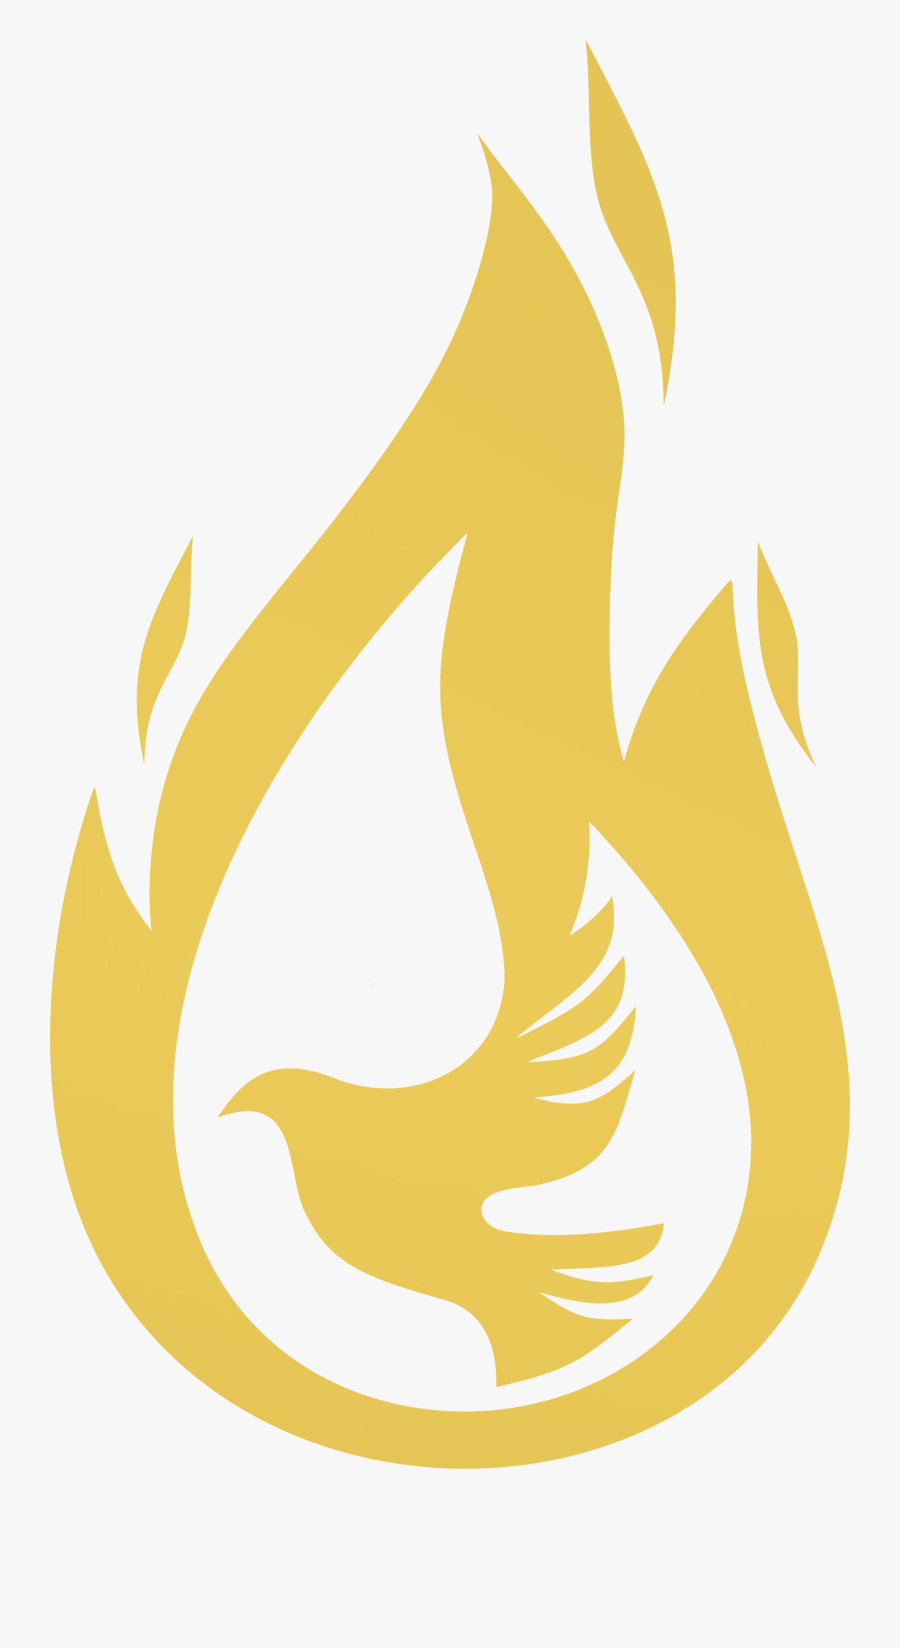 Transparent Juggalo Png - Vigilia De Pentecostés 2019, Transparent Clipart